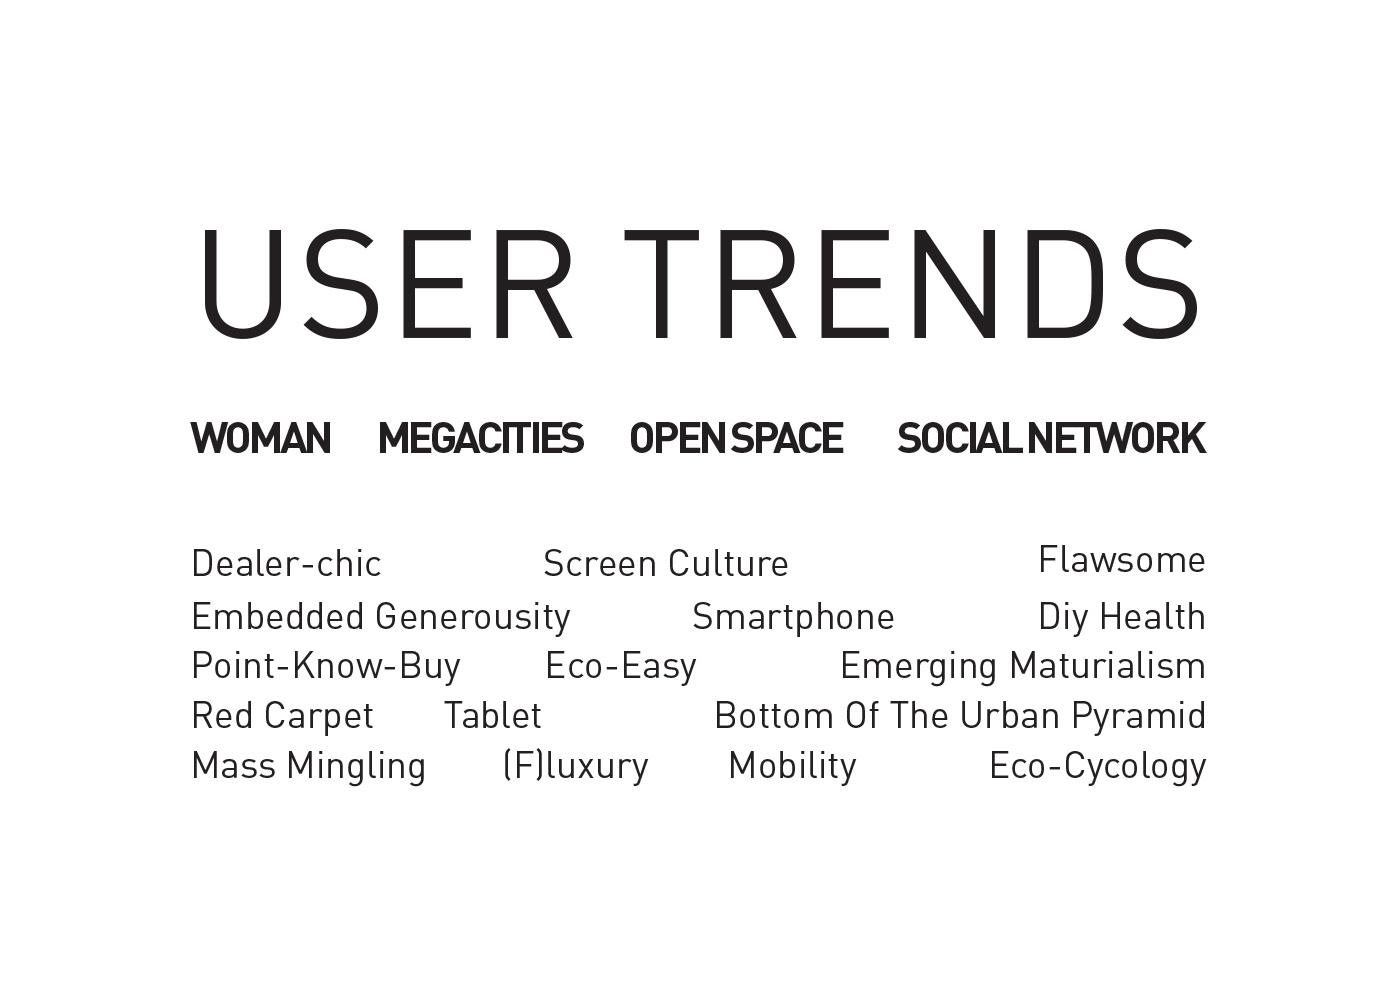 User_trends.jpg